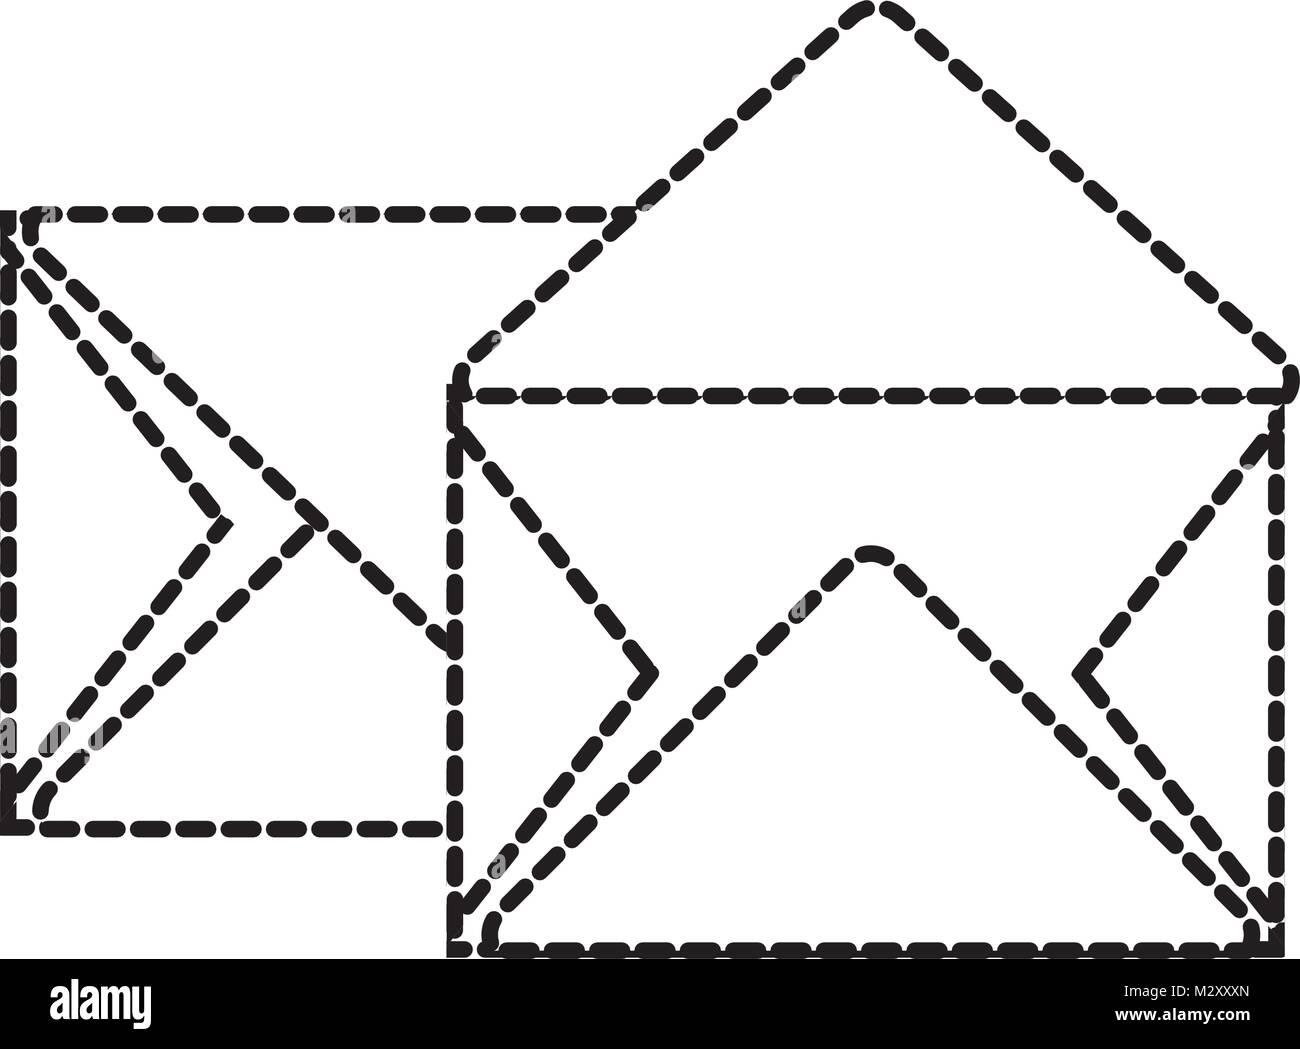 Gepunktete Form E Mail Schreiben Nachricht Design Vektor Abbildung